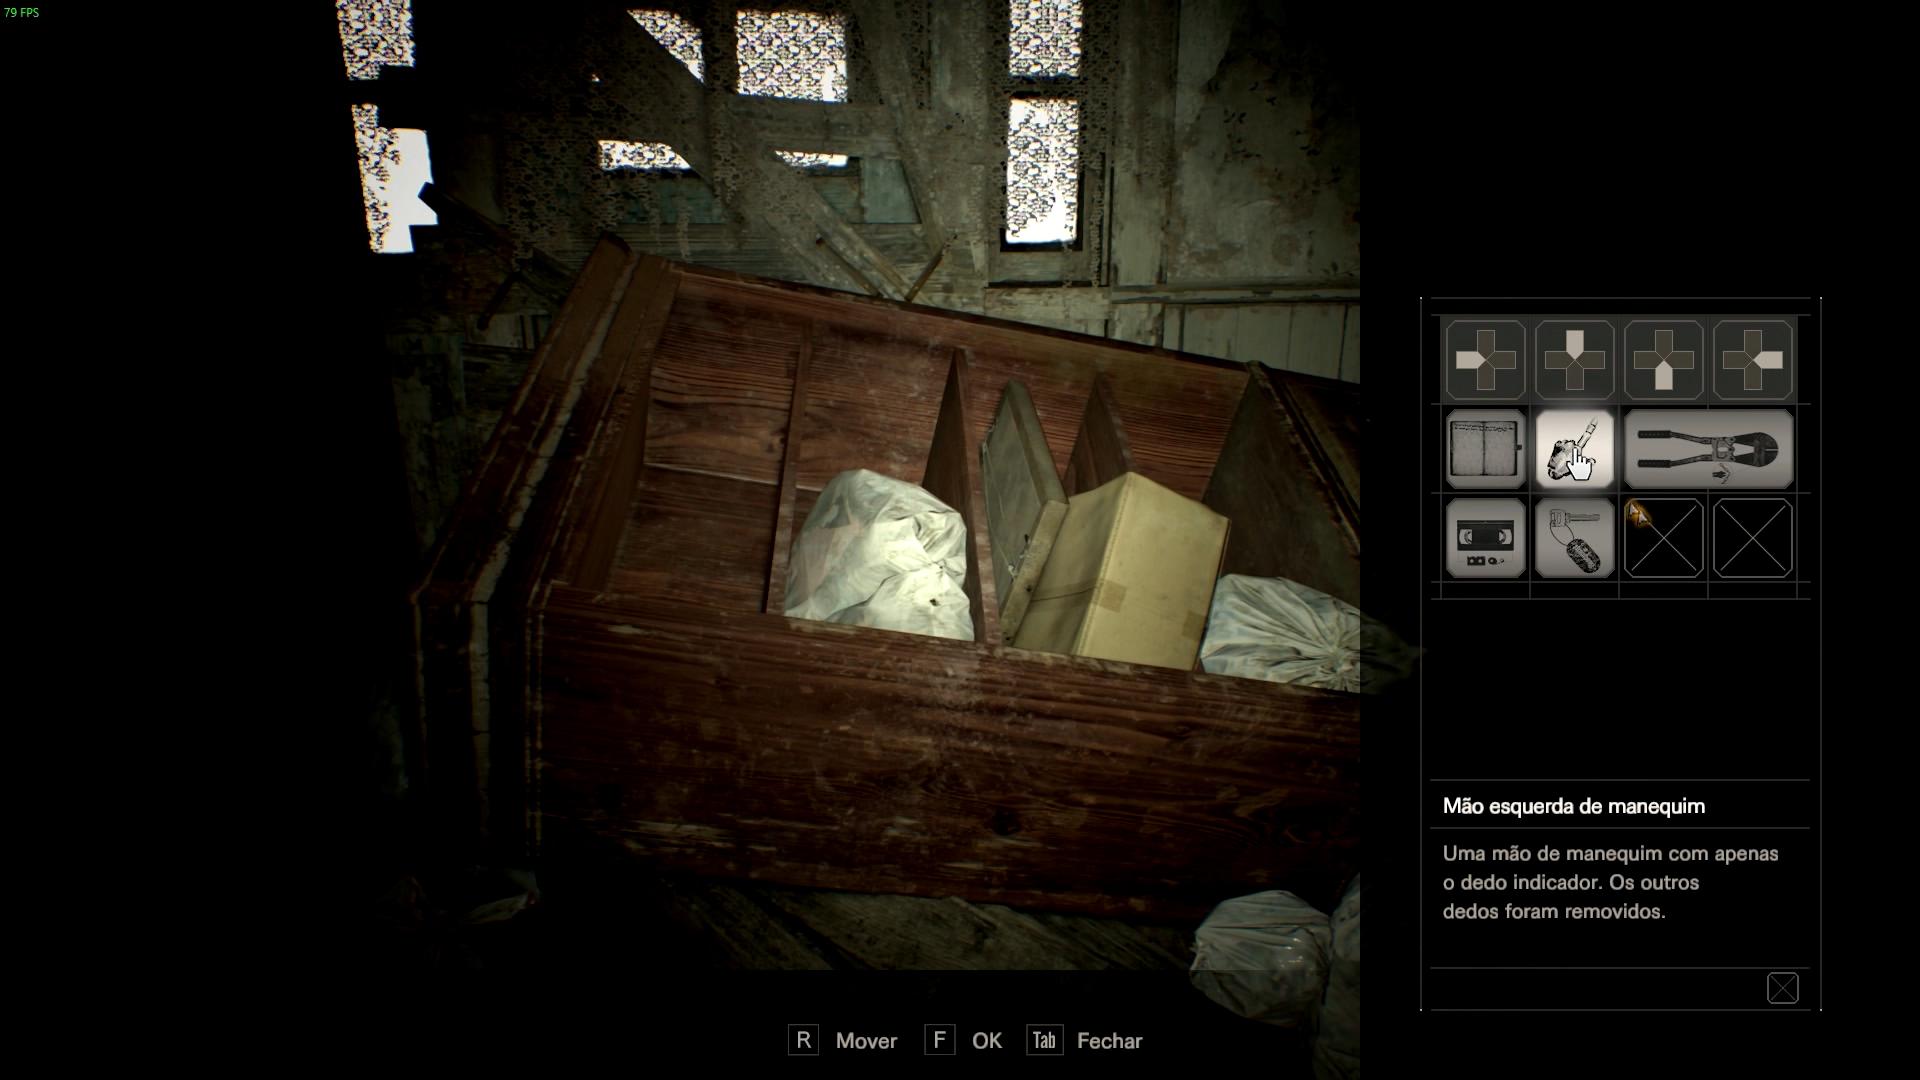 d06988f5a 8- Inicie a investigação do segundo assassinato que fica sótão naquela  porta que está bloqueada com tábuas pregadas